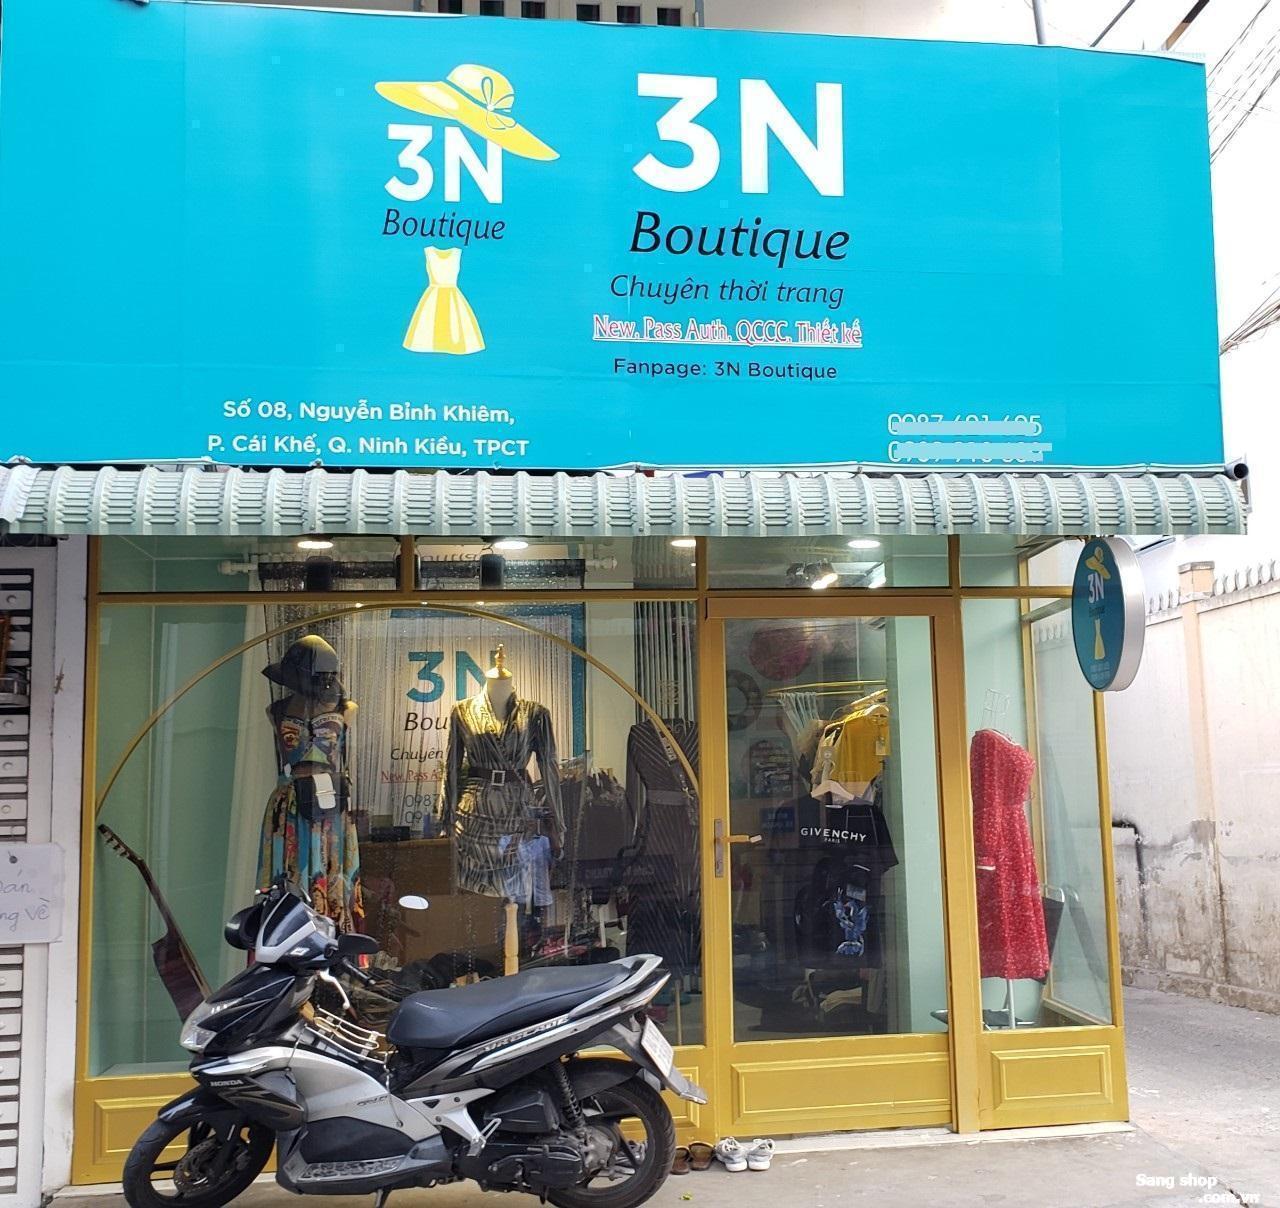 Sang shop thời trang chỉ cần vào bán trang bị đầy đủ